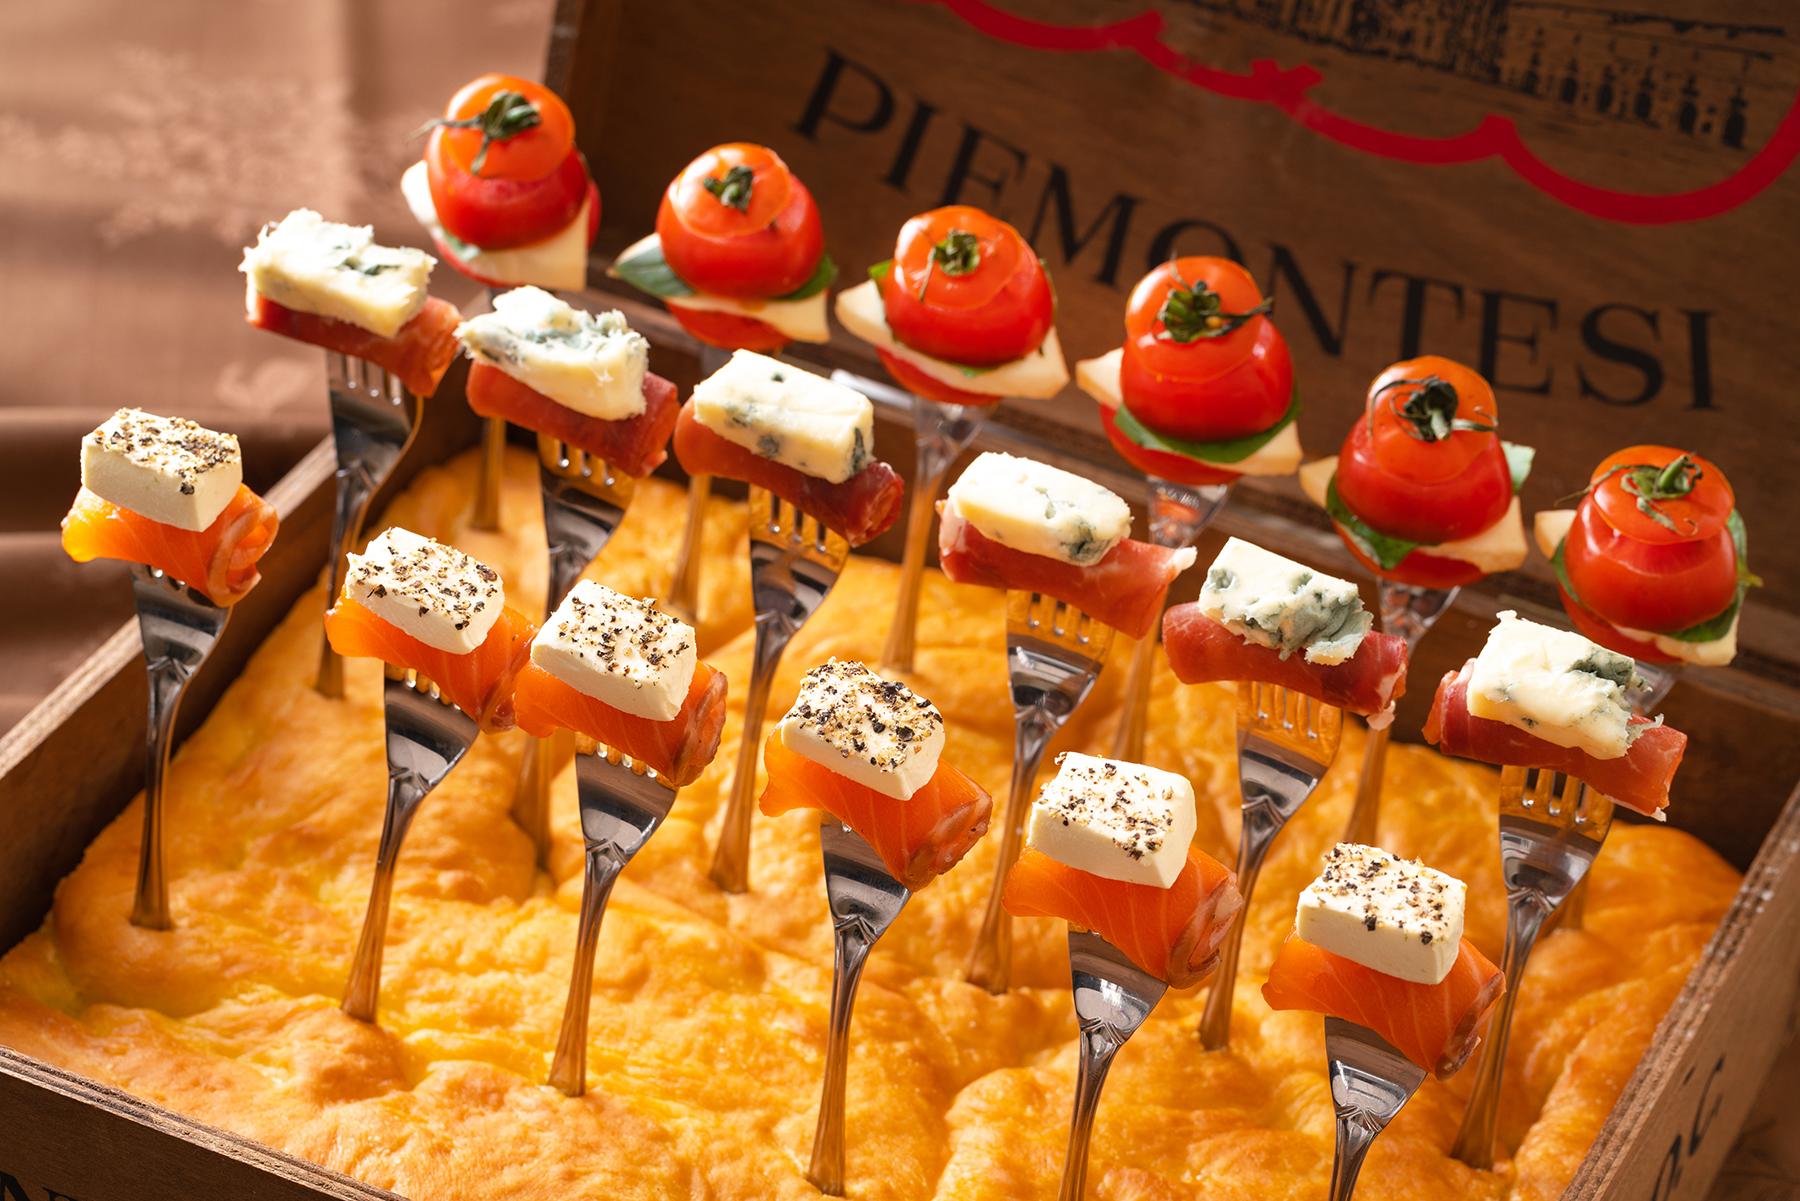 デリバリー&ケータリングのお料理メニューご紹介♫ホームパーティーやイベントが盛り上がる為のご提案